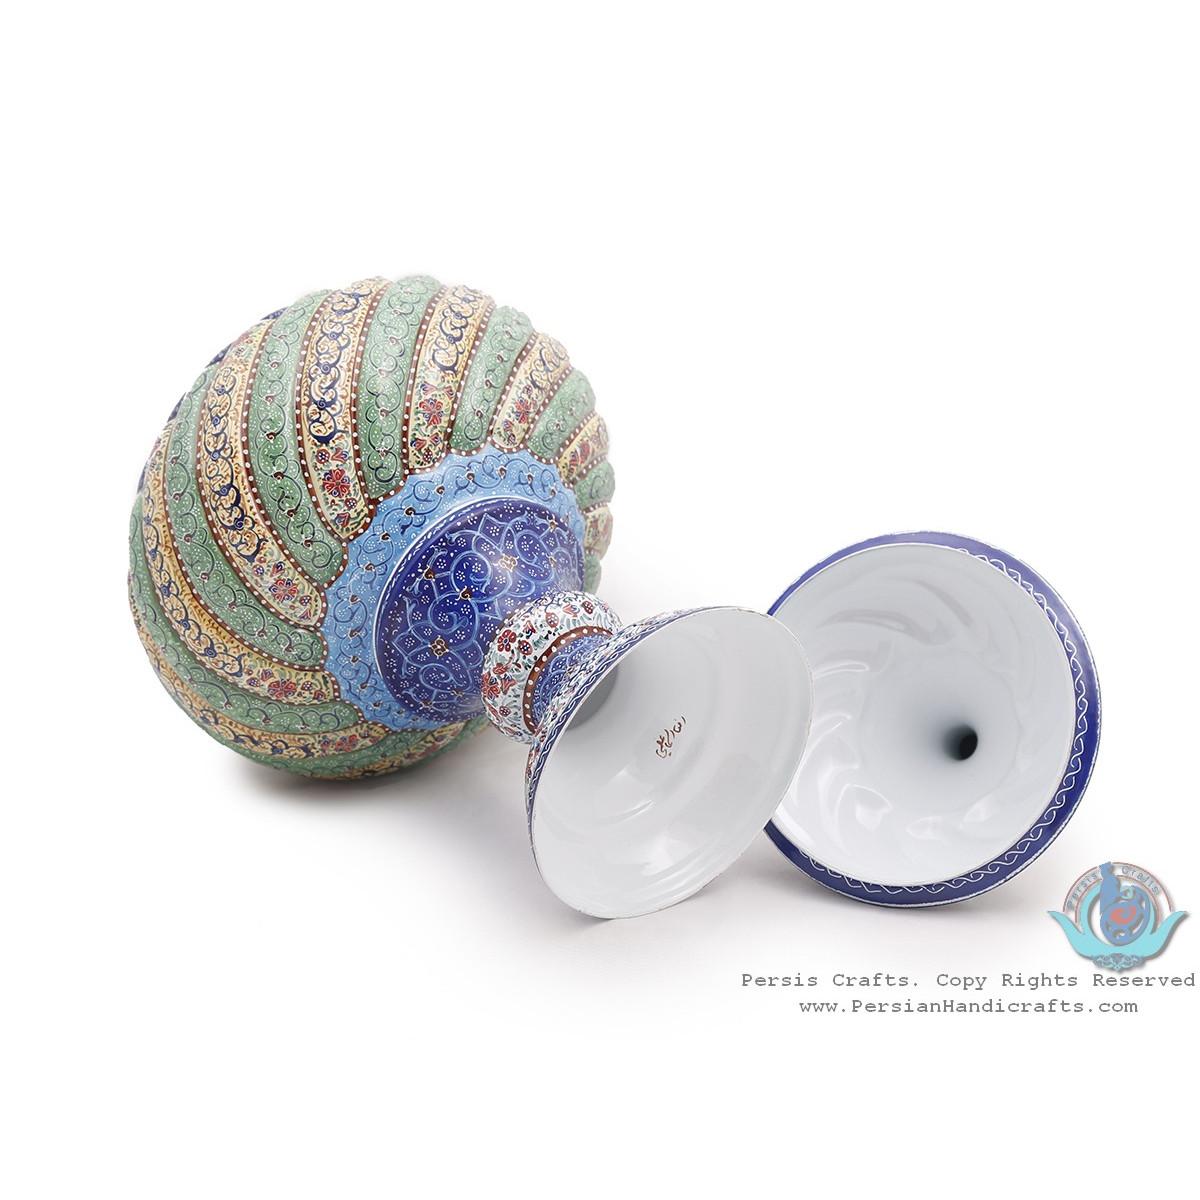 Privileged Enamel Toranj Minakari Pedestal Bowl with Lid - HE3916-Persian Handicrafts